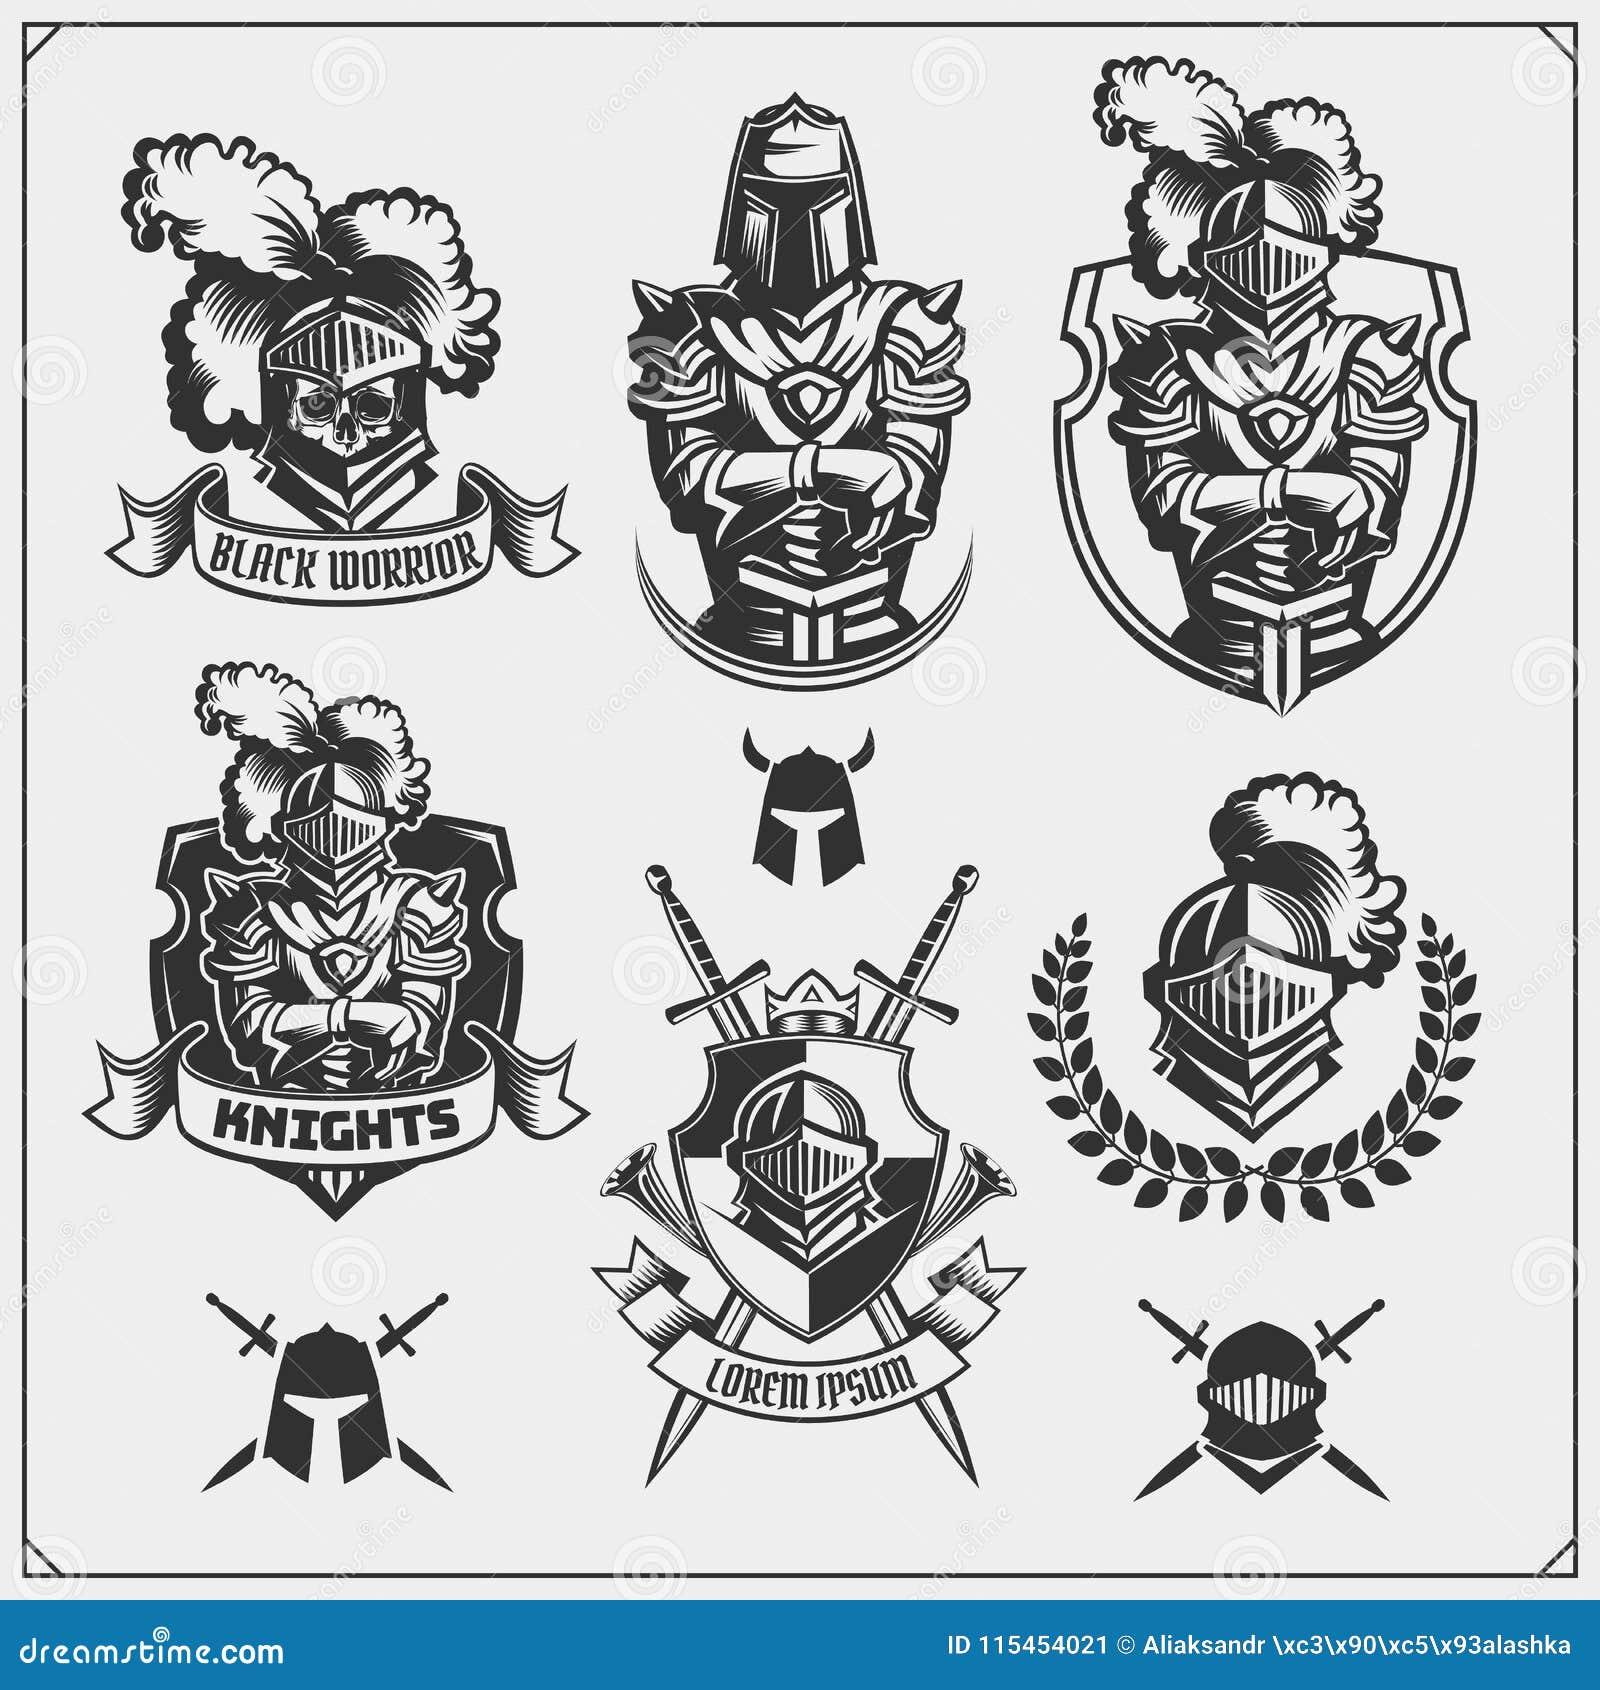 Vektorsatz mittelalterliche Kriegersritterembleme, Logos, Aufkleber, Ausweisembleme, Zeichen und Gestaltungselemente